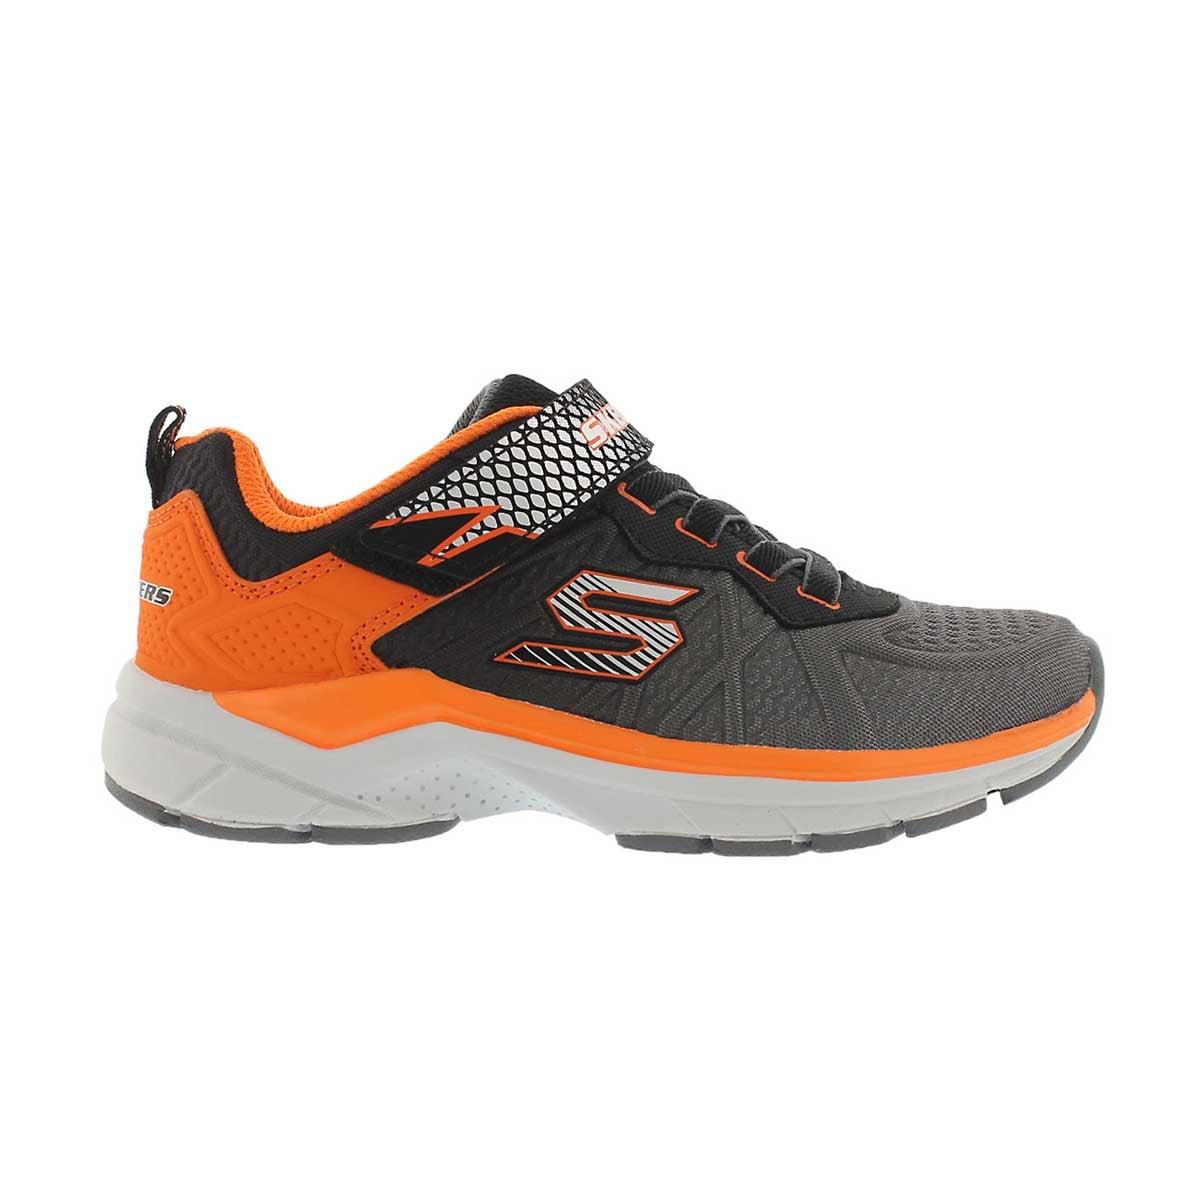 Bys Ultrasonix charcoal/orange sneaker